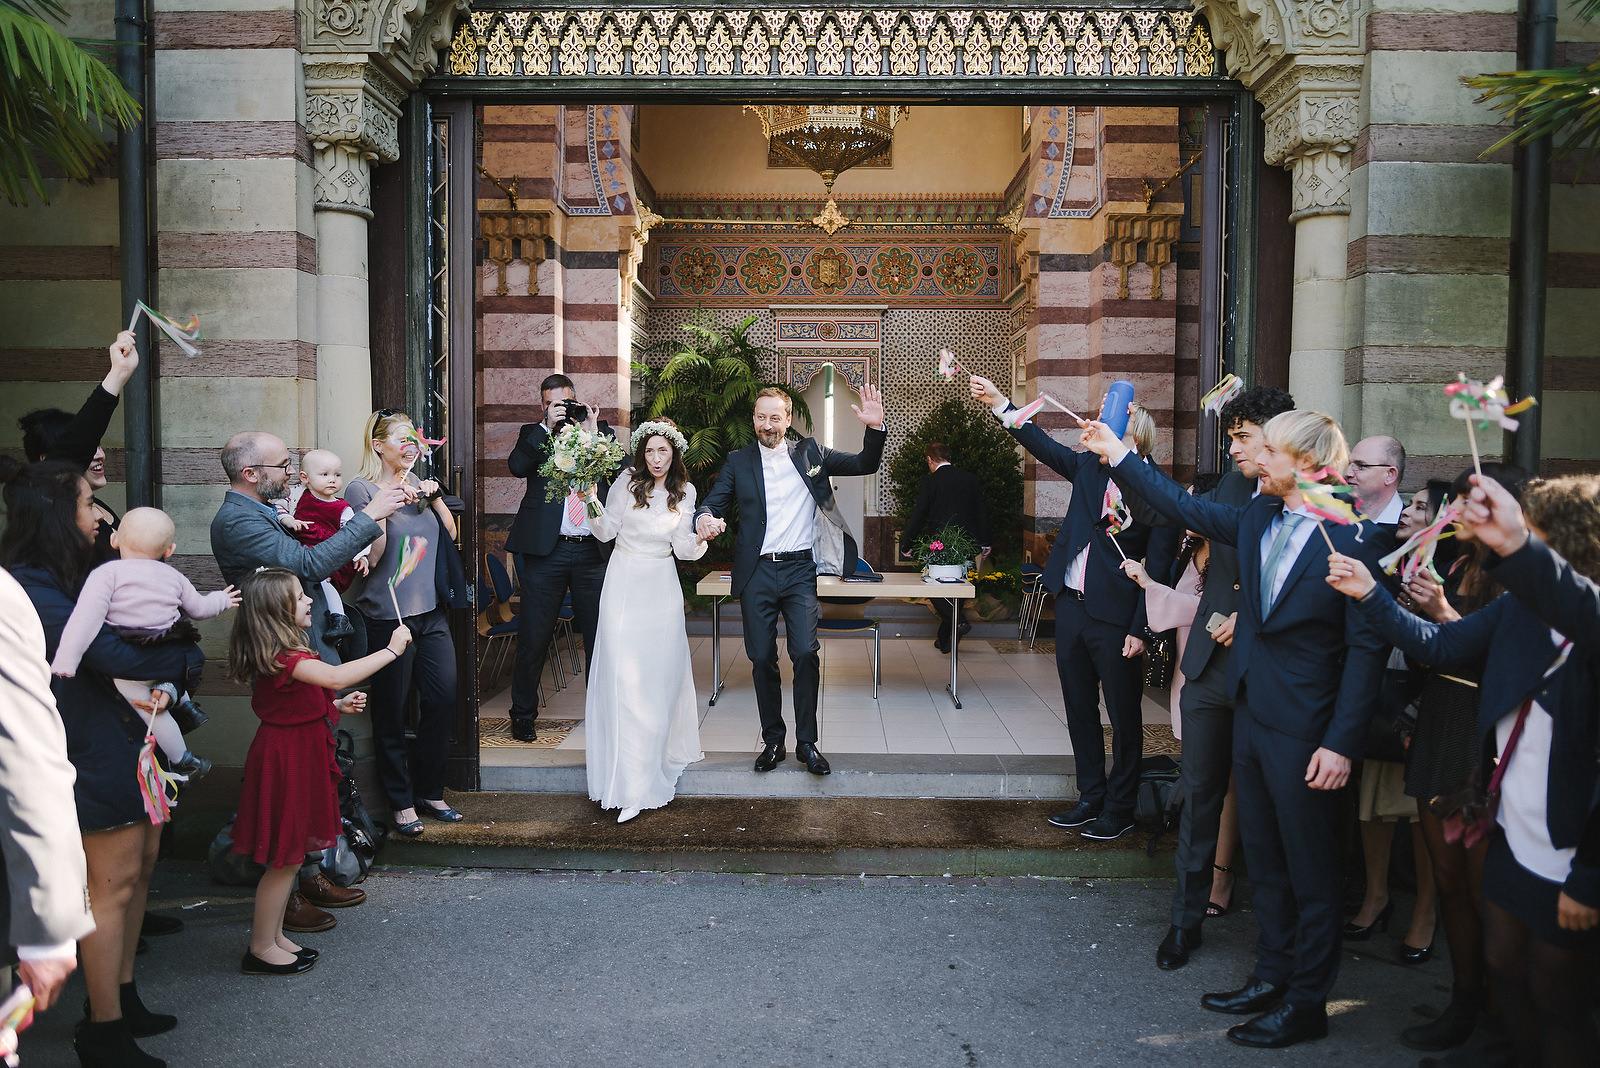 Fotograf Konstanz - Hochzeitsfotograf Stuttgart Esslingen Hochzeit 26 - Wedding with moorish ambience in the Wilhelma in Stuttgart  - 26 -